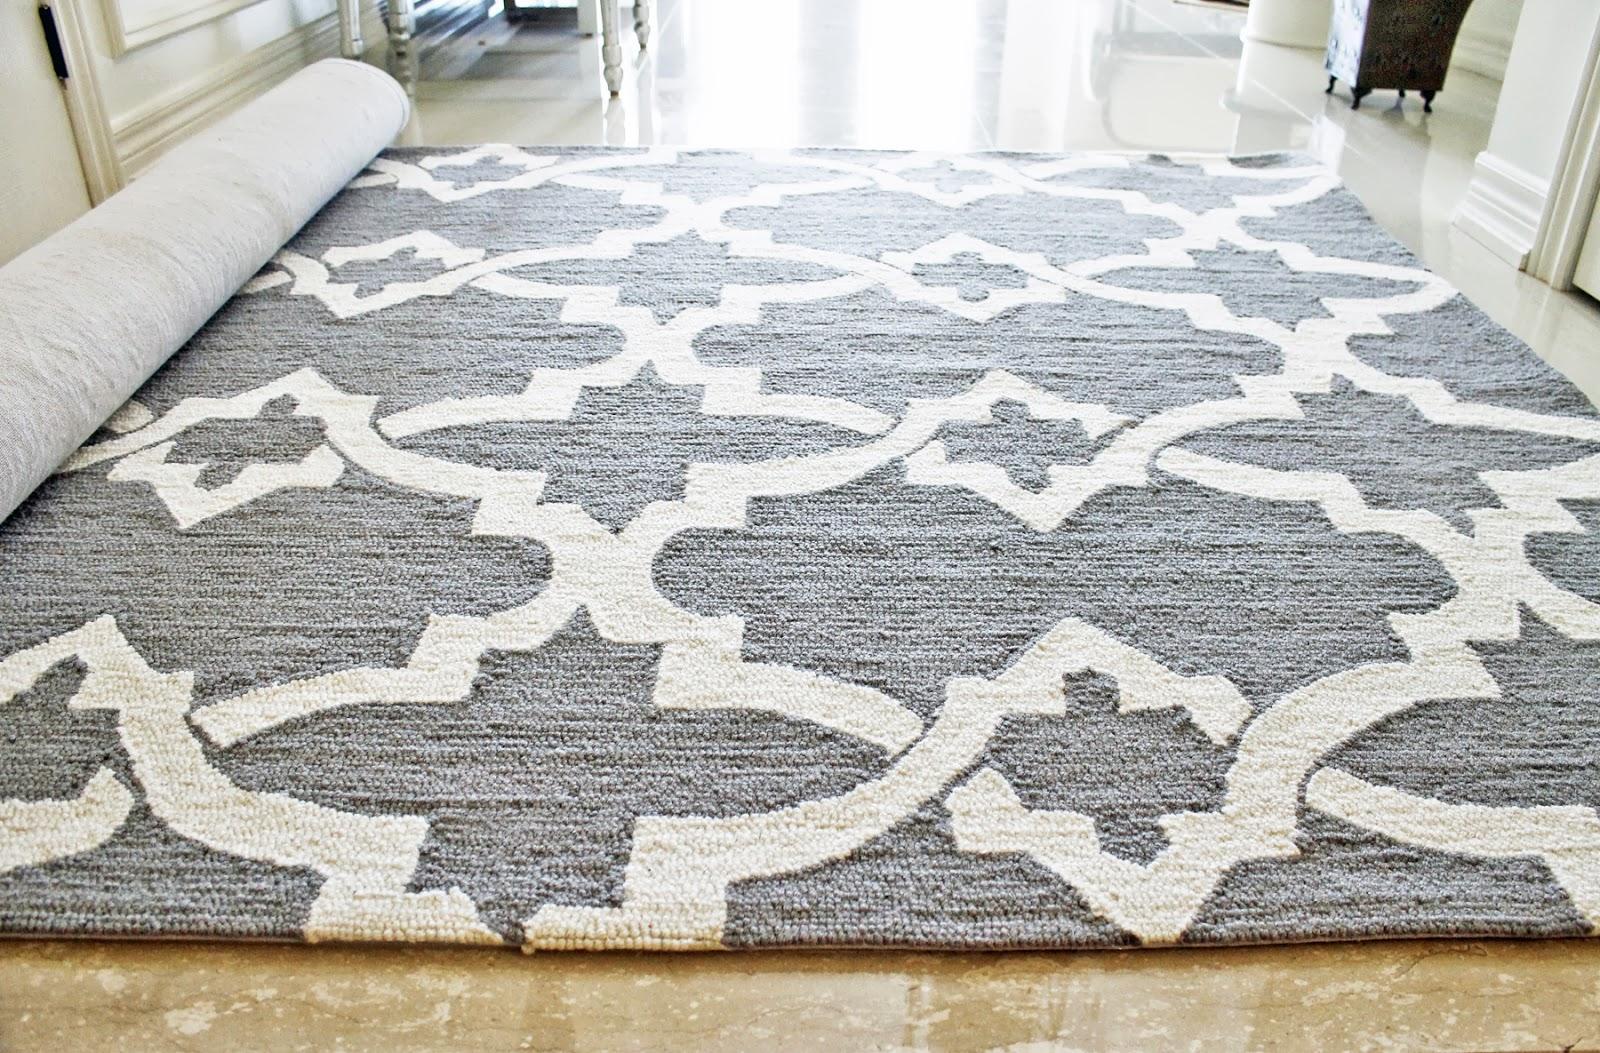 Lowes Or Home Depot For Carpet Images 31 Hardwood